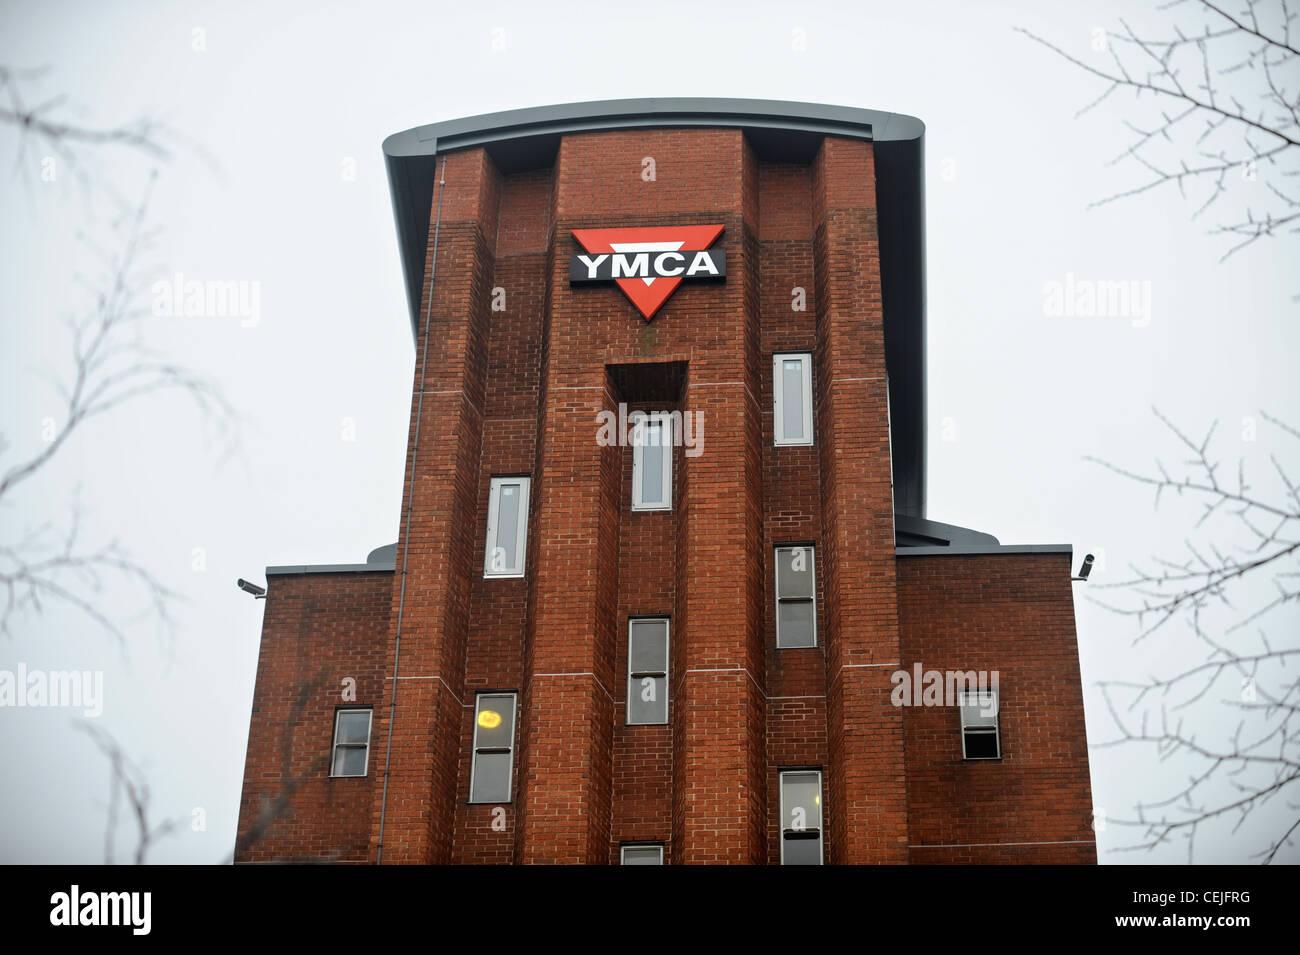 Shelter Charity Uk Stock Photos & Shelter Charity Uk Stock Images ...